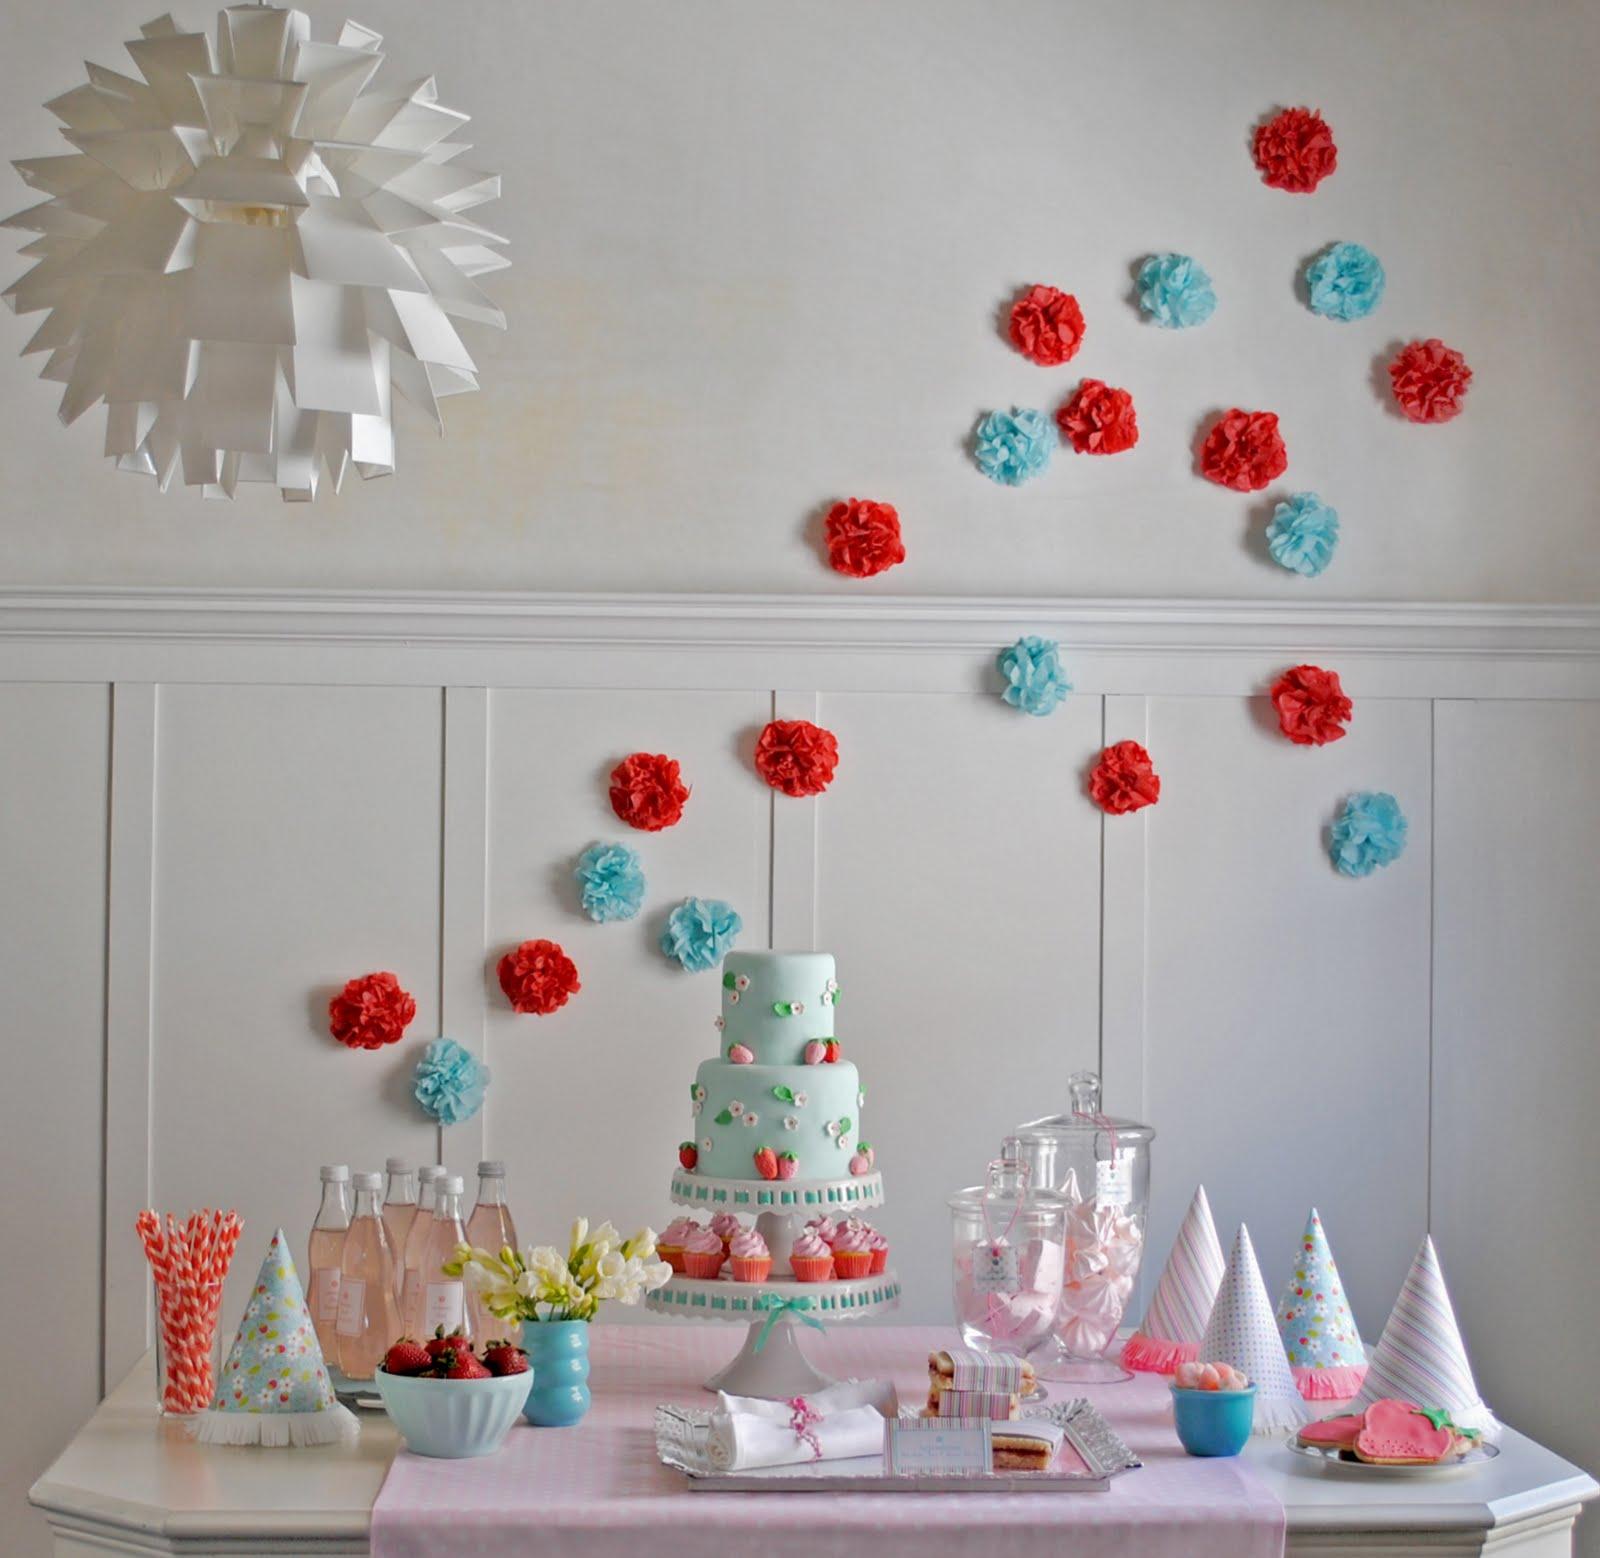 Украшаем комнату на детский день рождения своими руками I Love Hobby 34